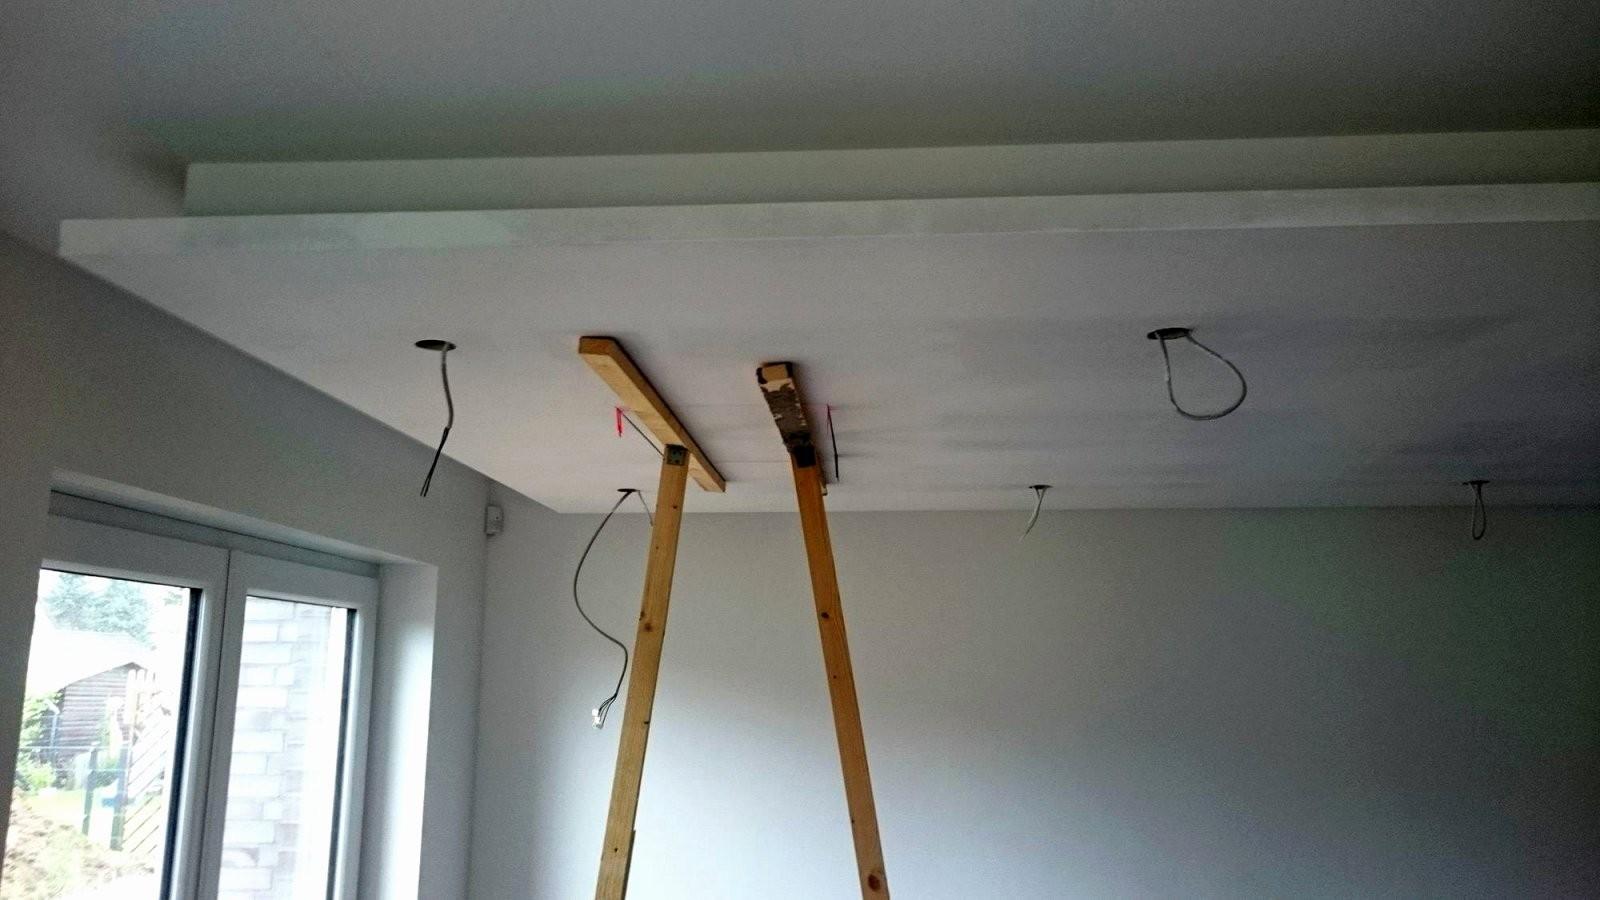 Indirekte Deckenbeleuchtung Selber Bauen Einzigartig Indirekte von Indirekte Deckenbeleuchtung Selber Bauen Bild